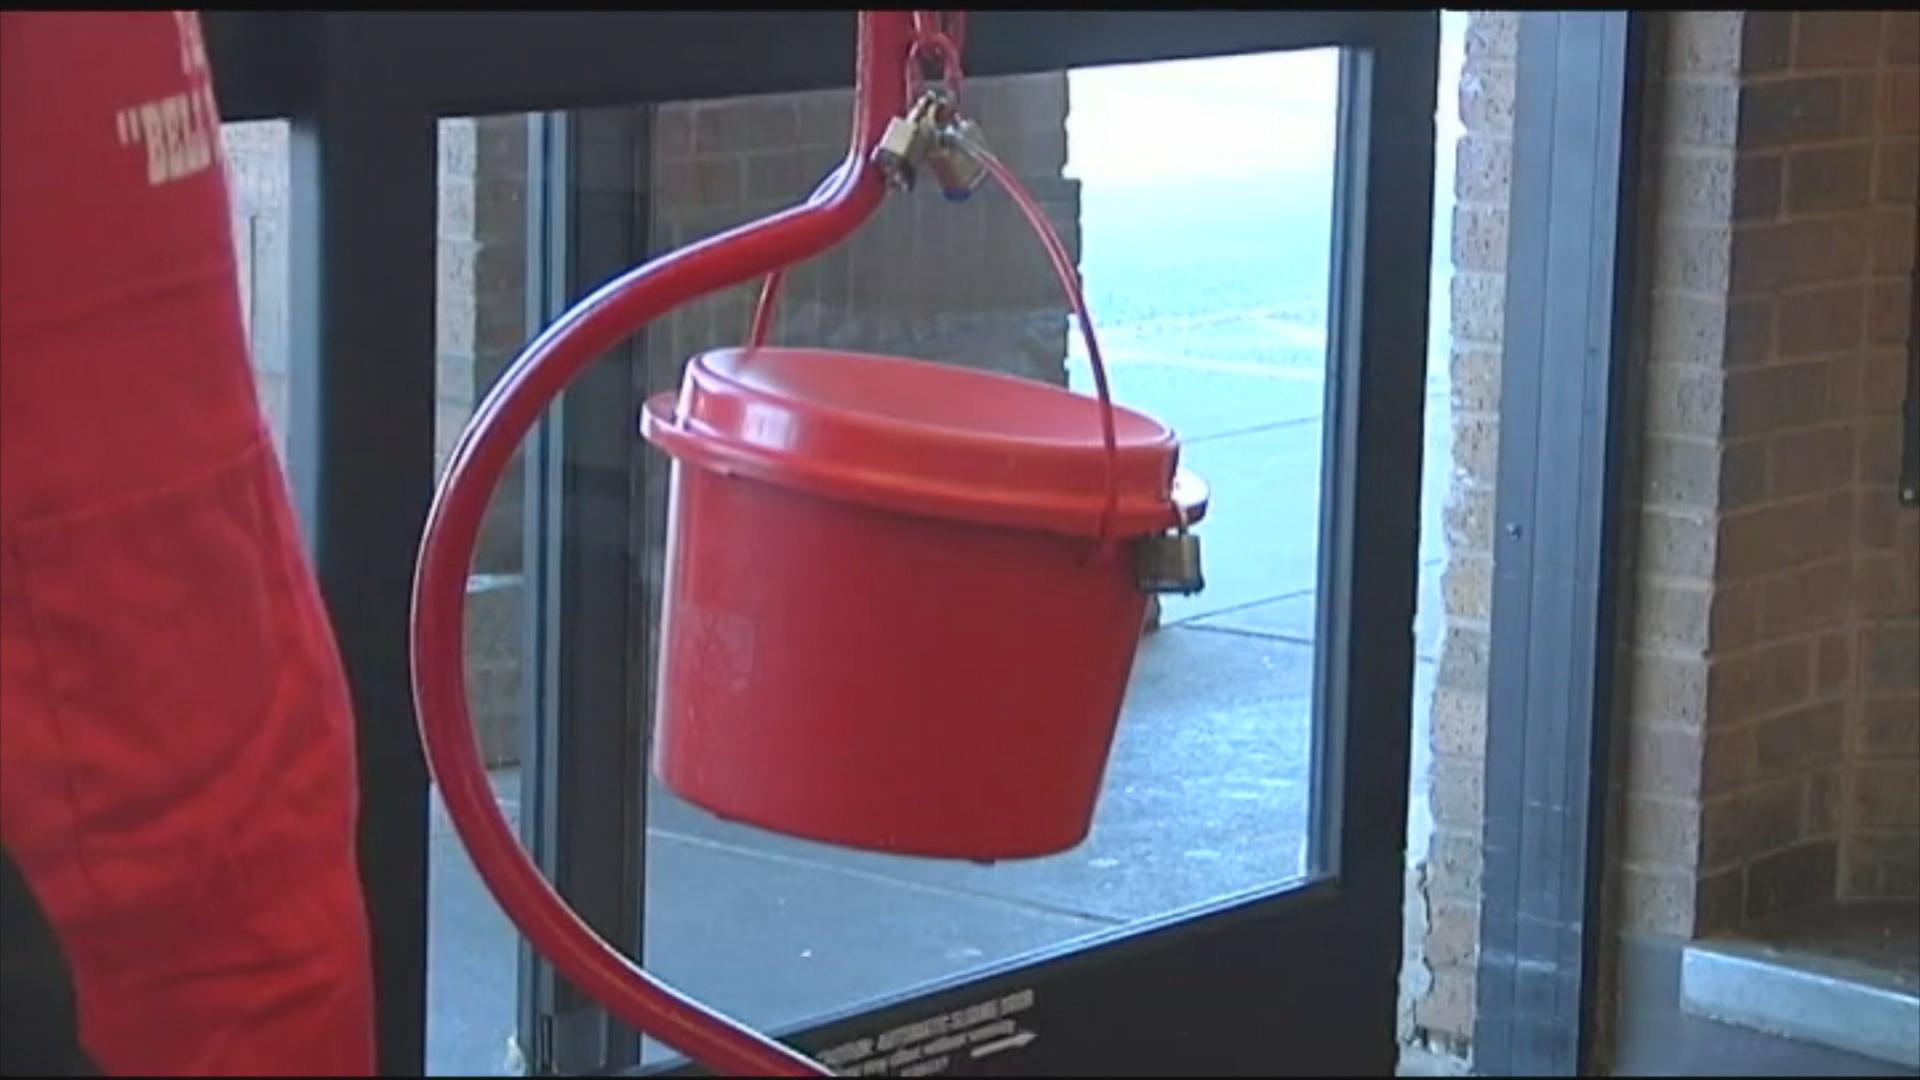 red kettle_1476912970002.jpg